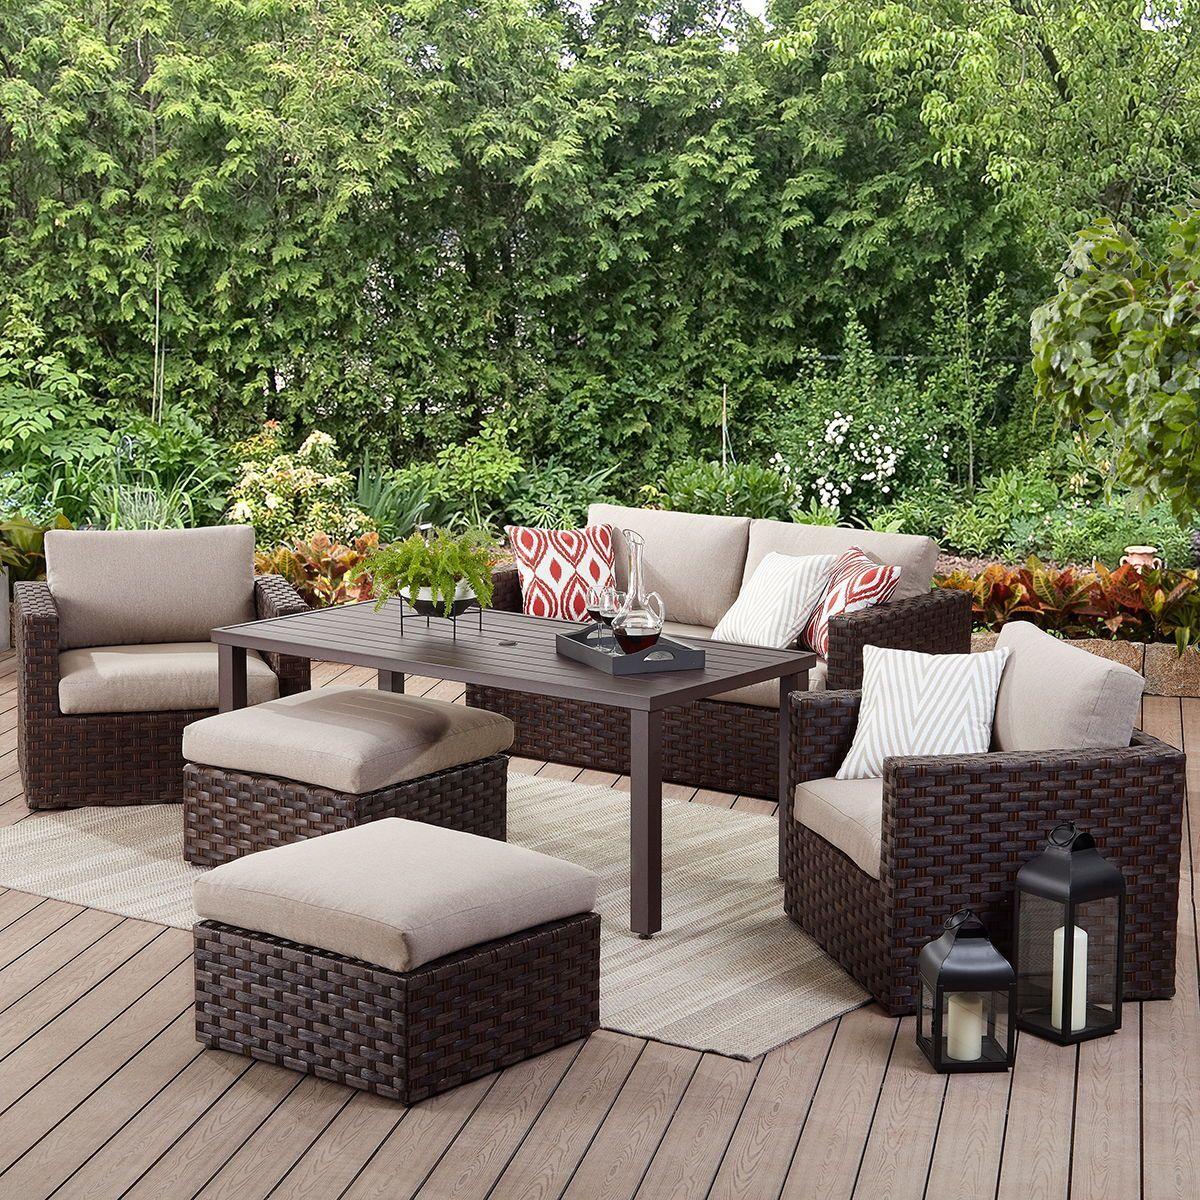 Harbor City Outdoor Patio Love Seat Outdoor Patio Backyard